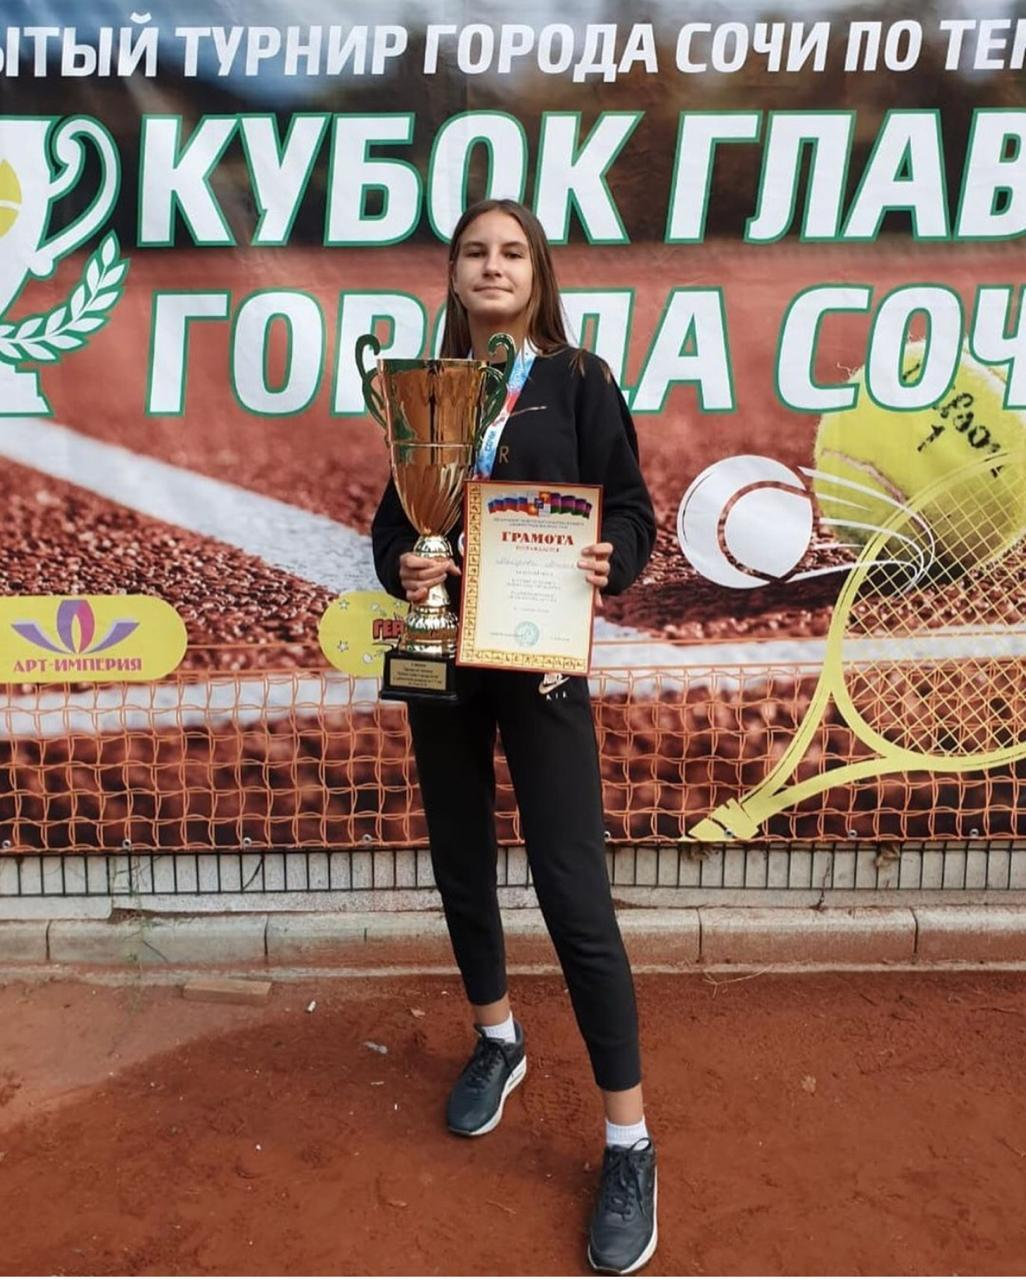 Всероссийский турнир «Кубок главы г. Сочи» по теннису